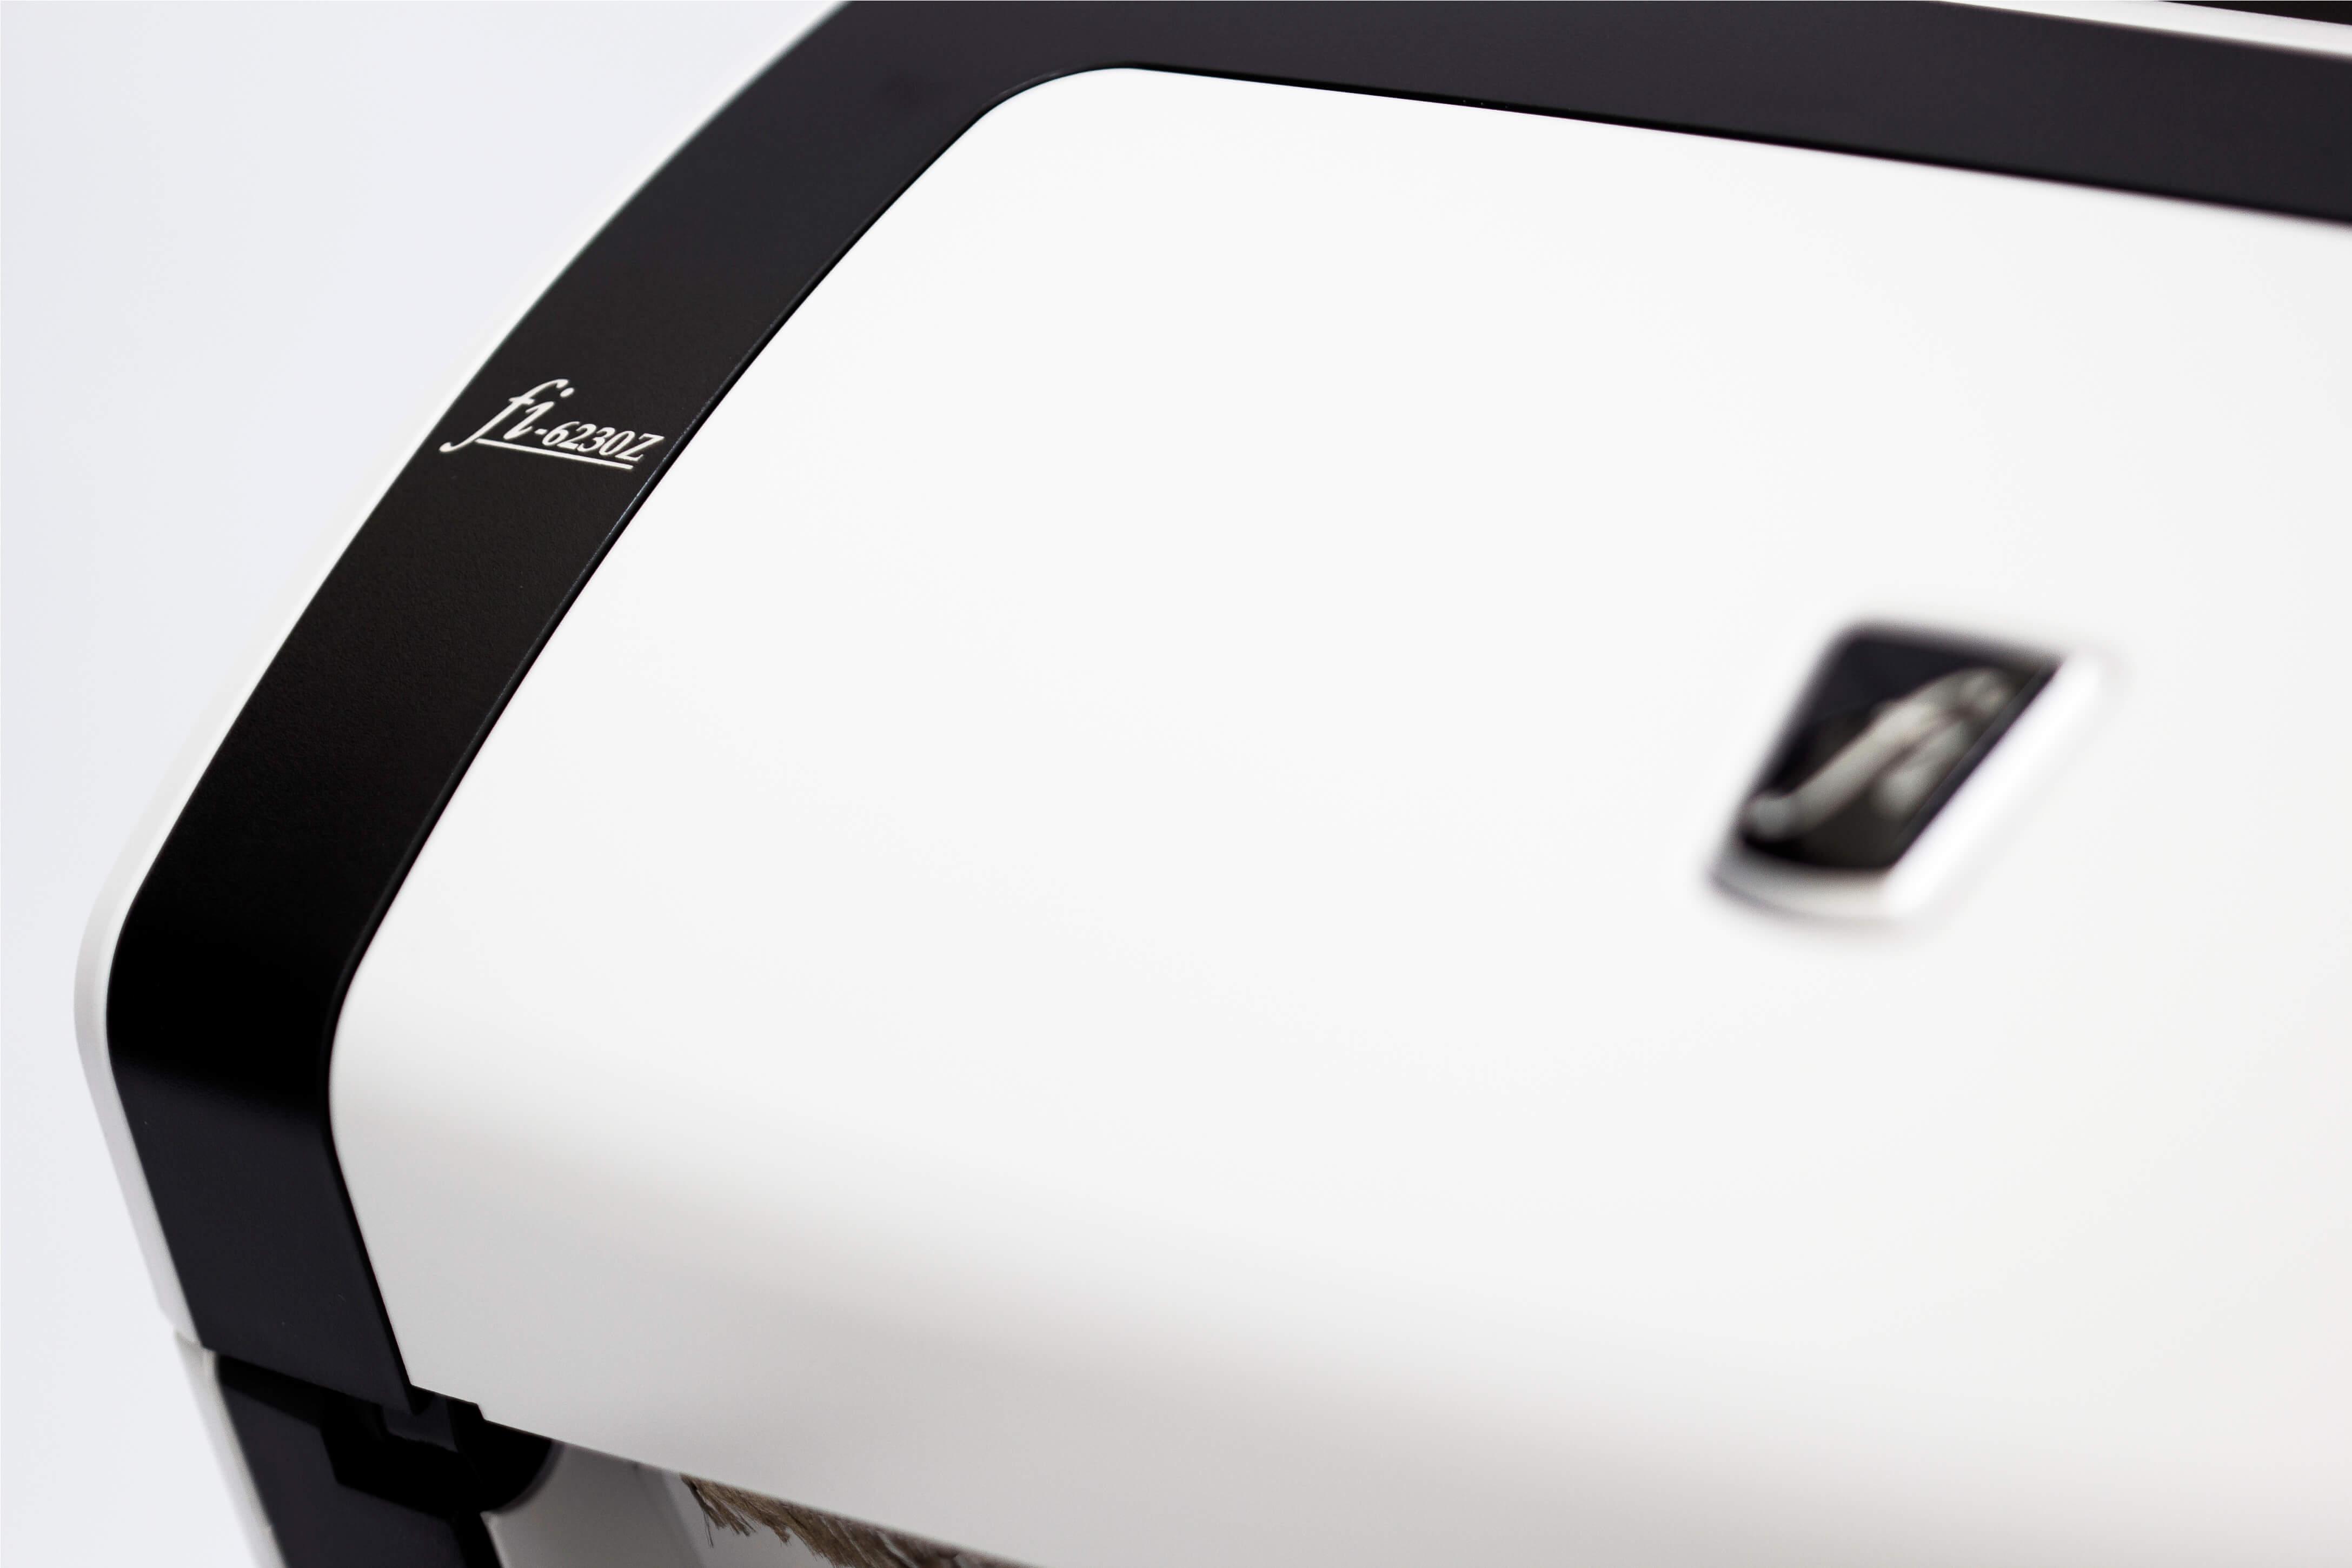 fi-6230Z Scanner Fujitsu foto com close